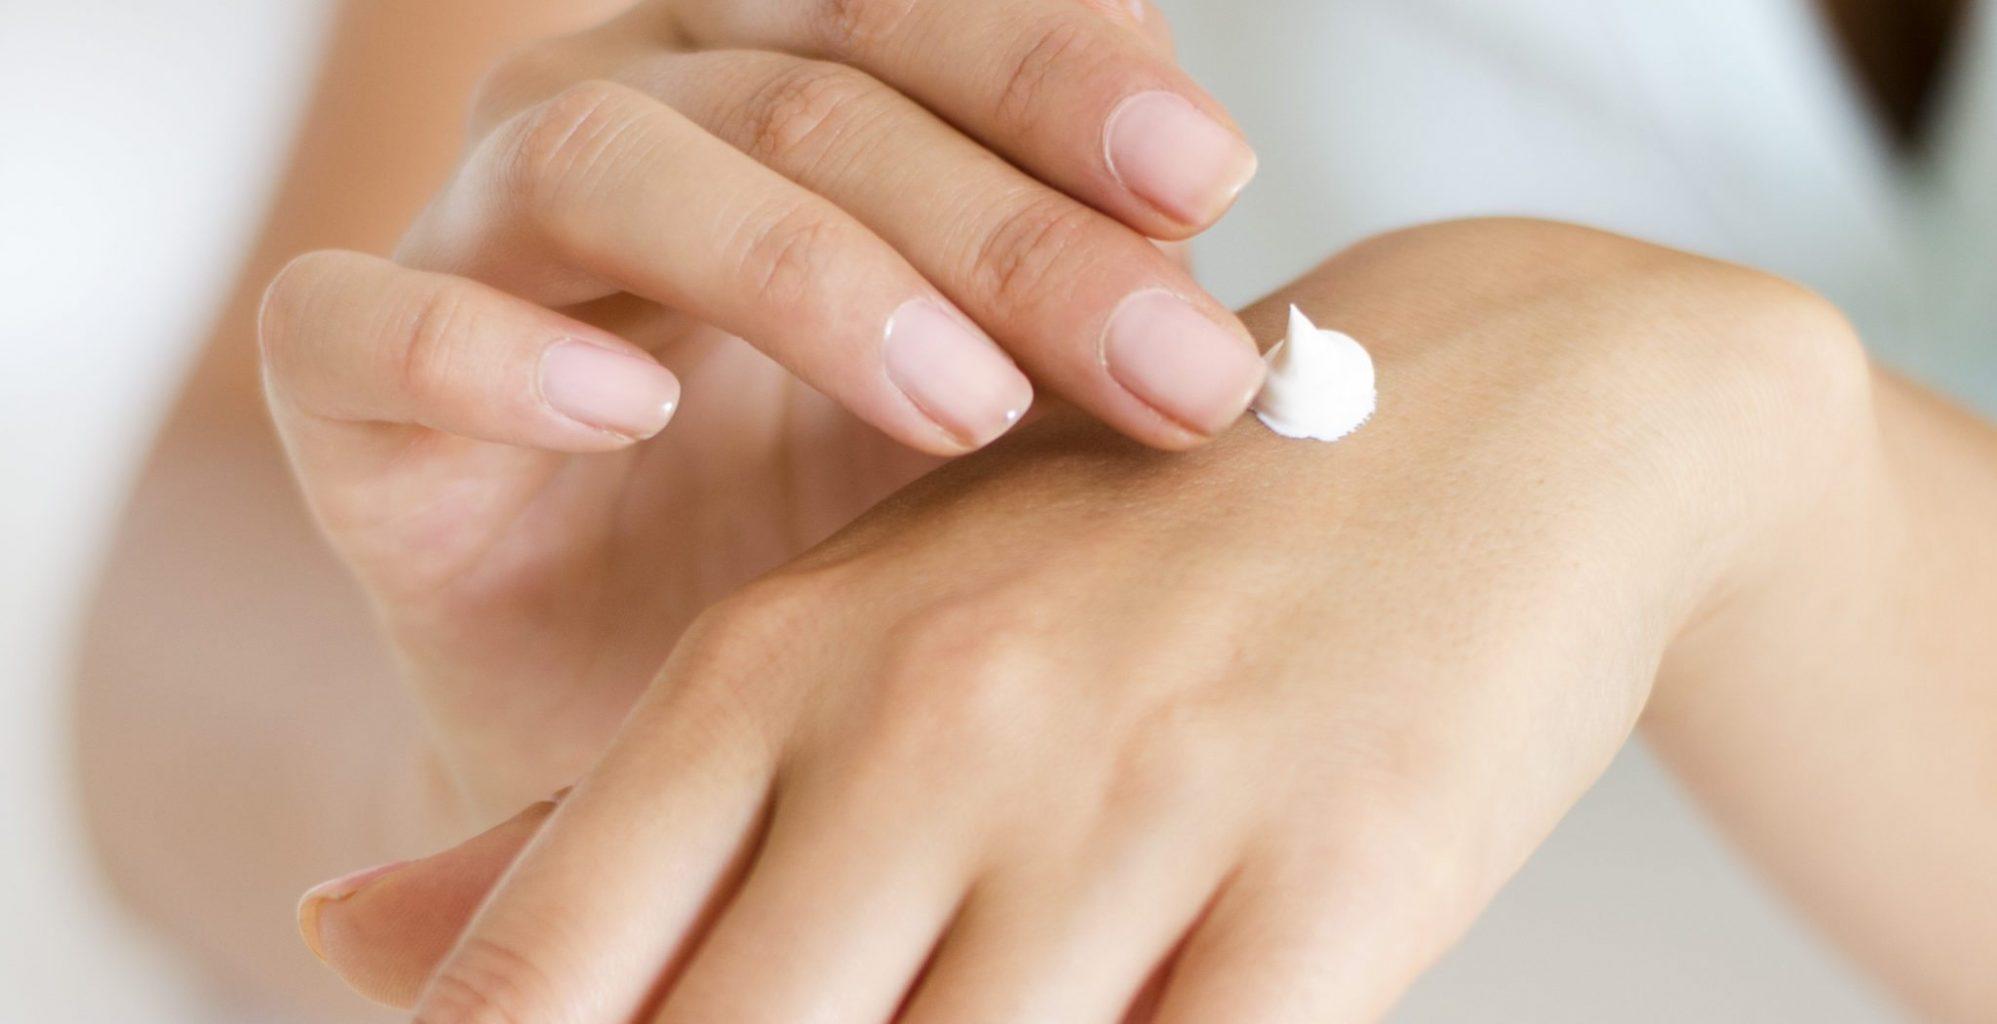 Saját kézkrémet fejlesztett bőrgyógyászunk, dr. Tamási Béla